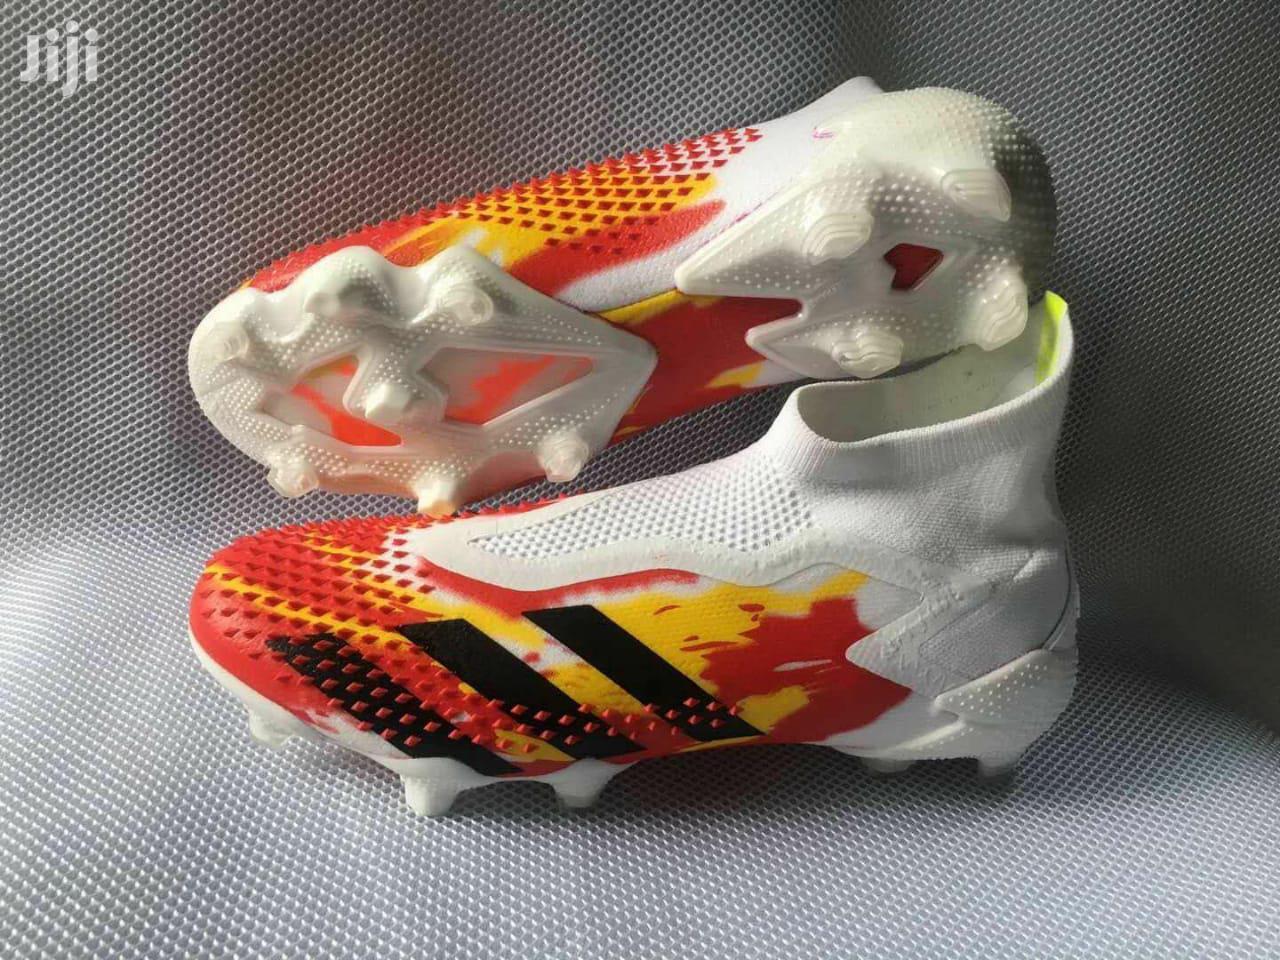 High Super Soccer Boots